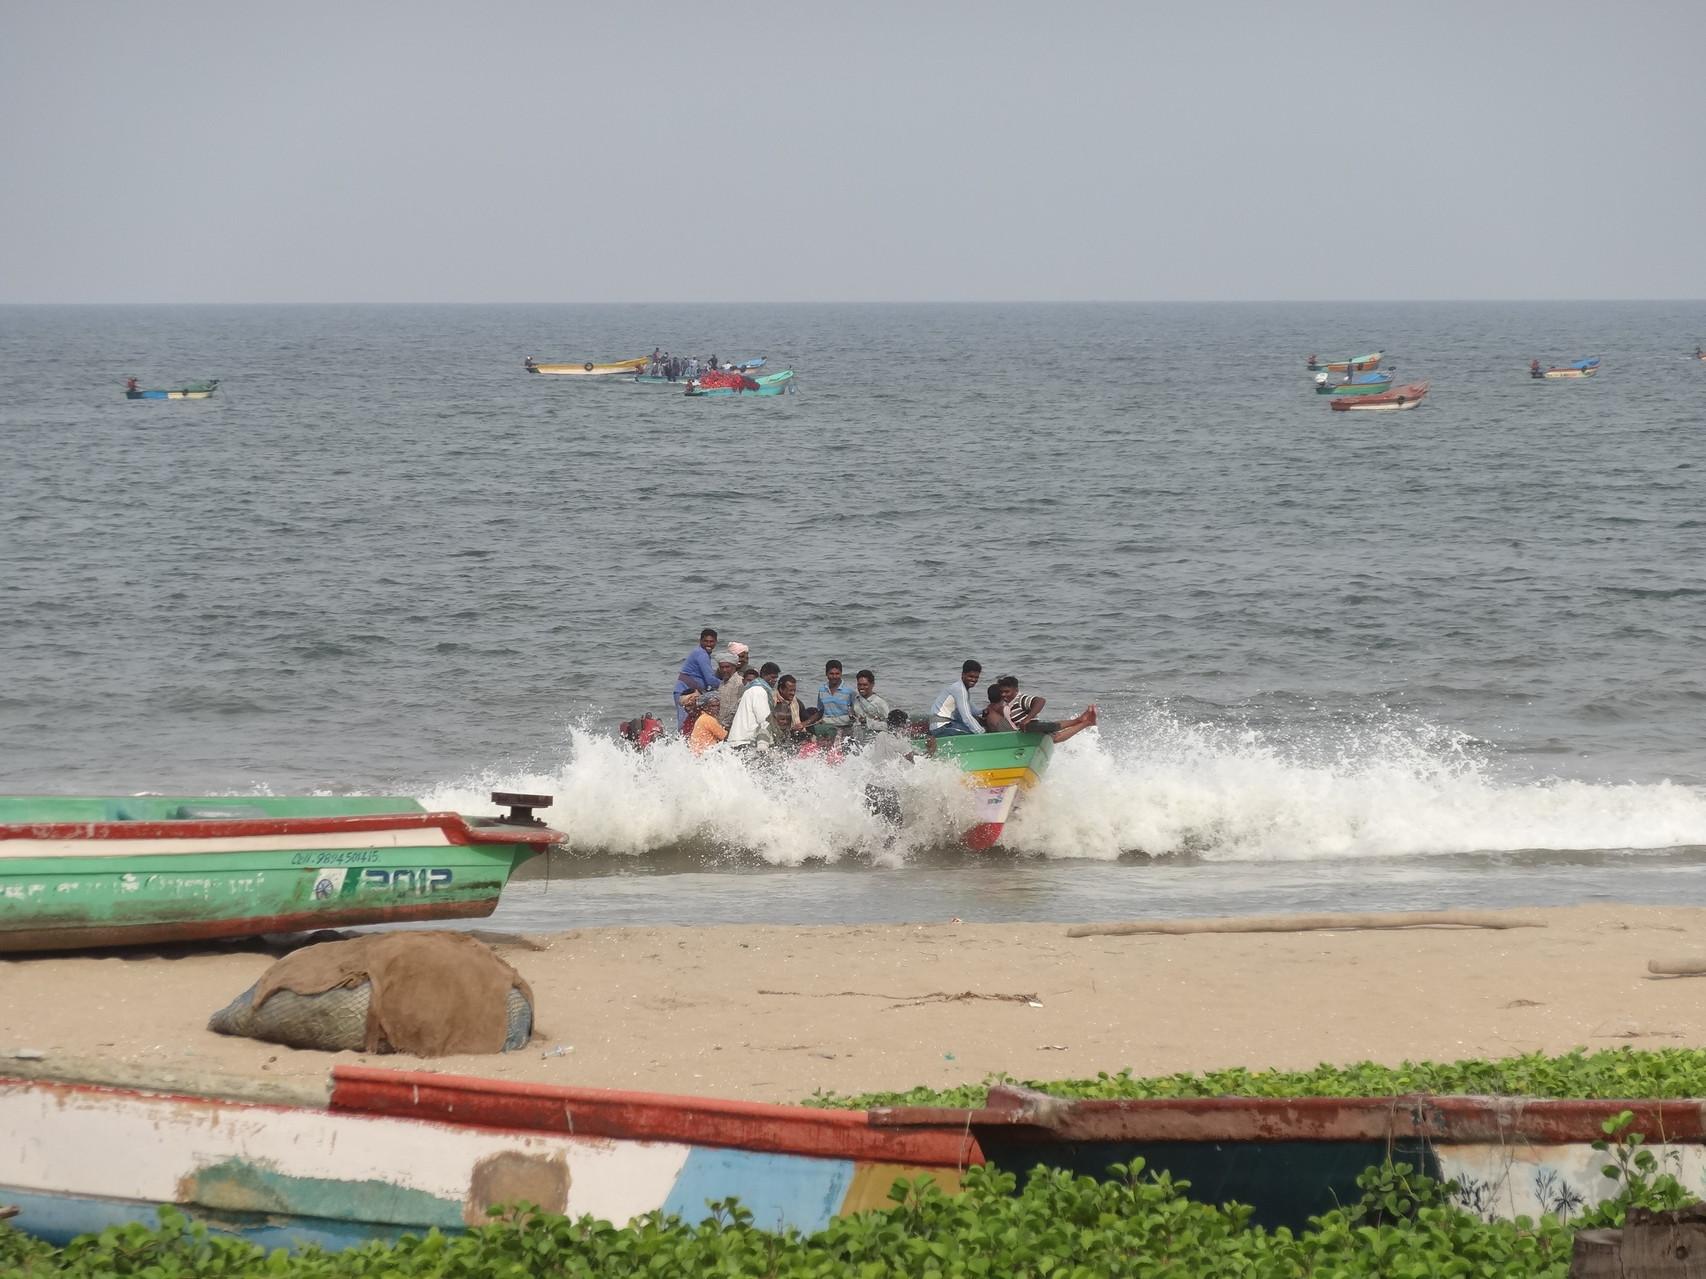 Sur les plages, les pêcheurs débarquent